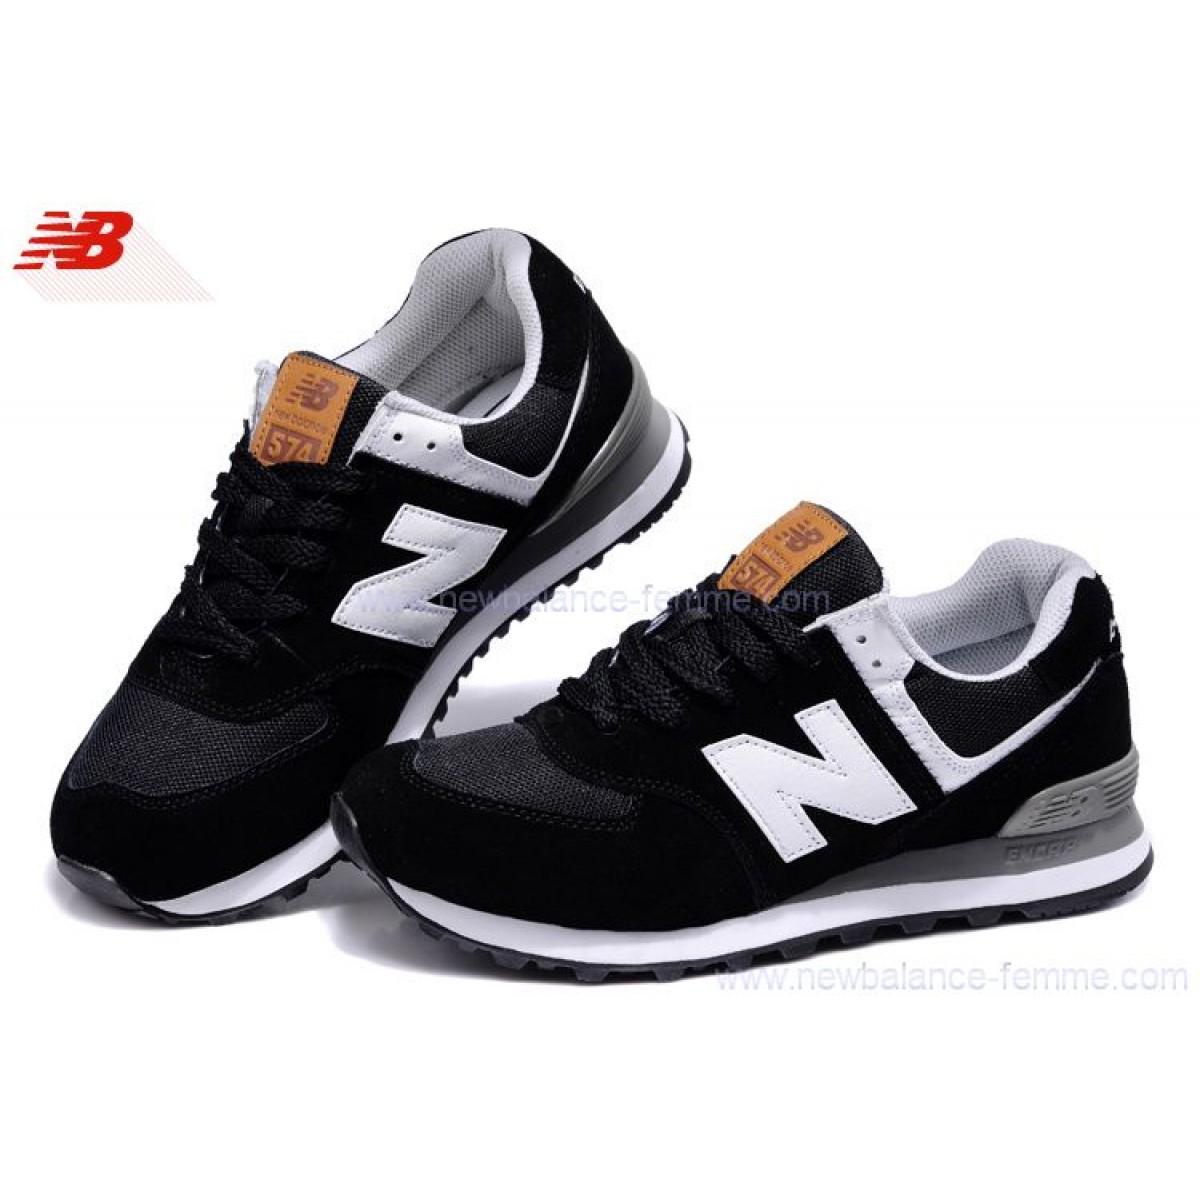 chaussure femme new balance pas cher